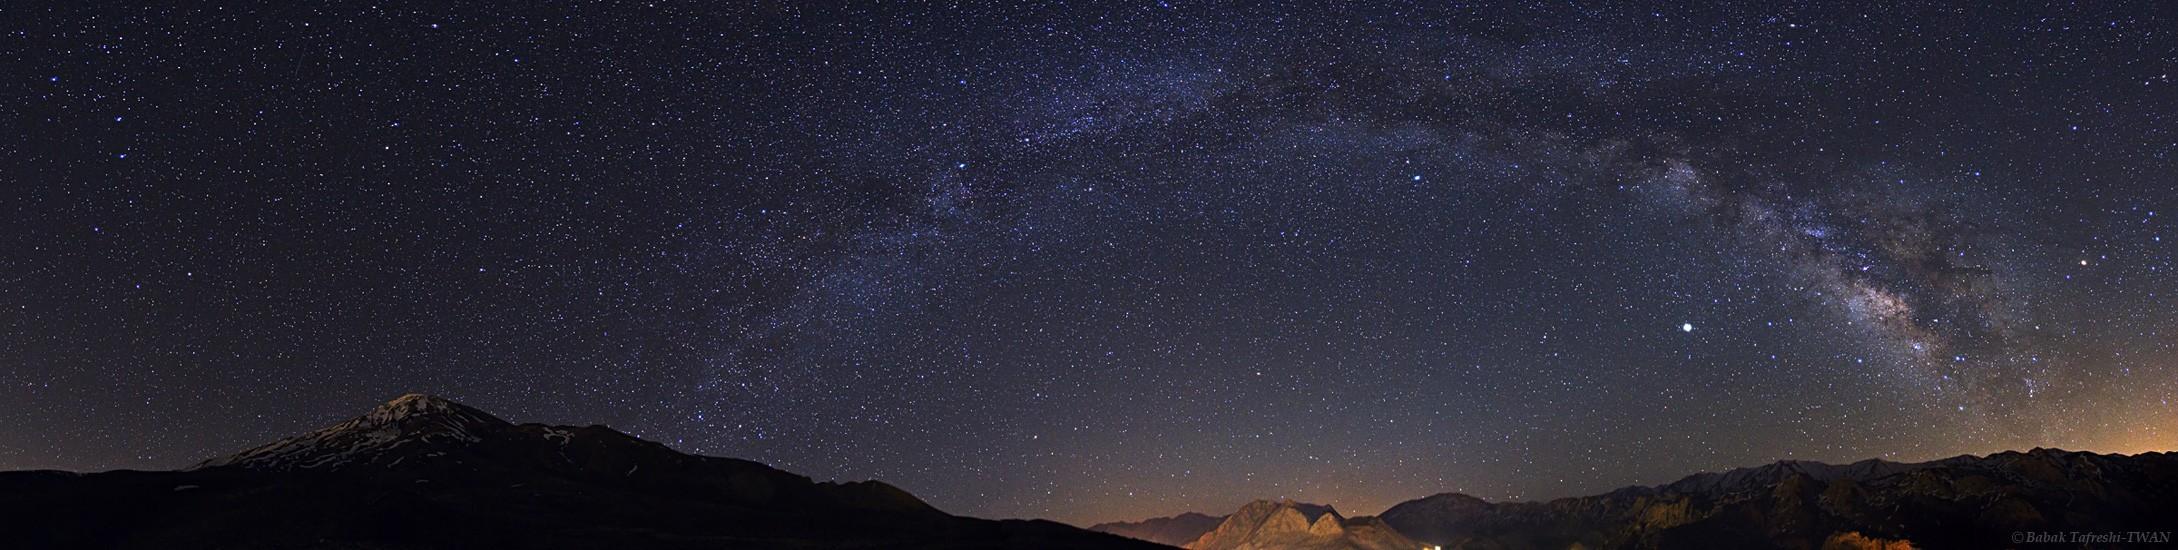 La Voie lactée au-dessus des Monts Alborz